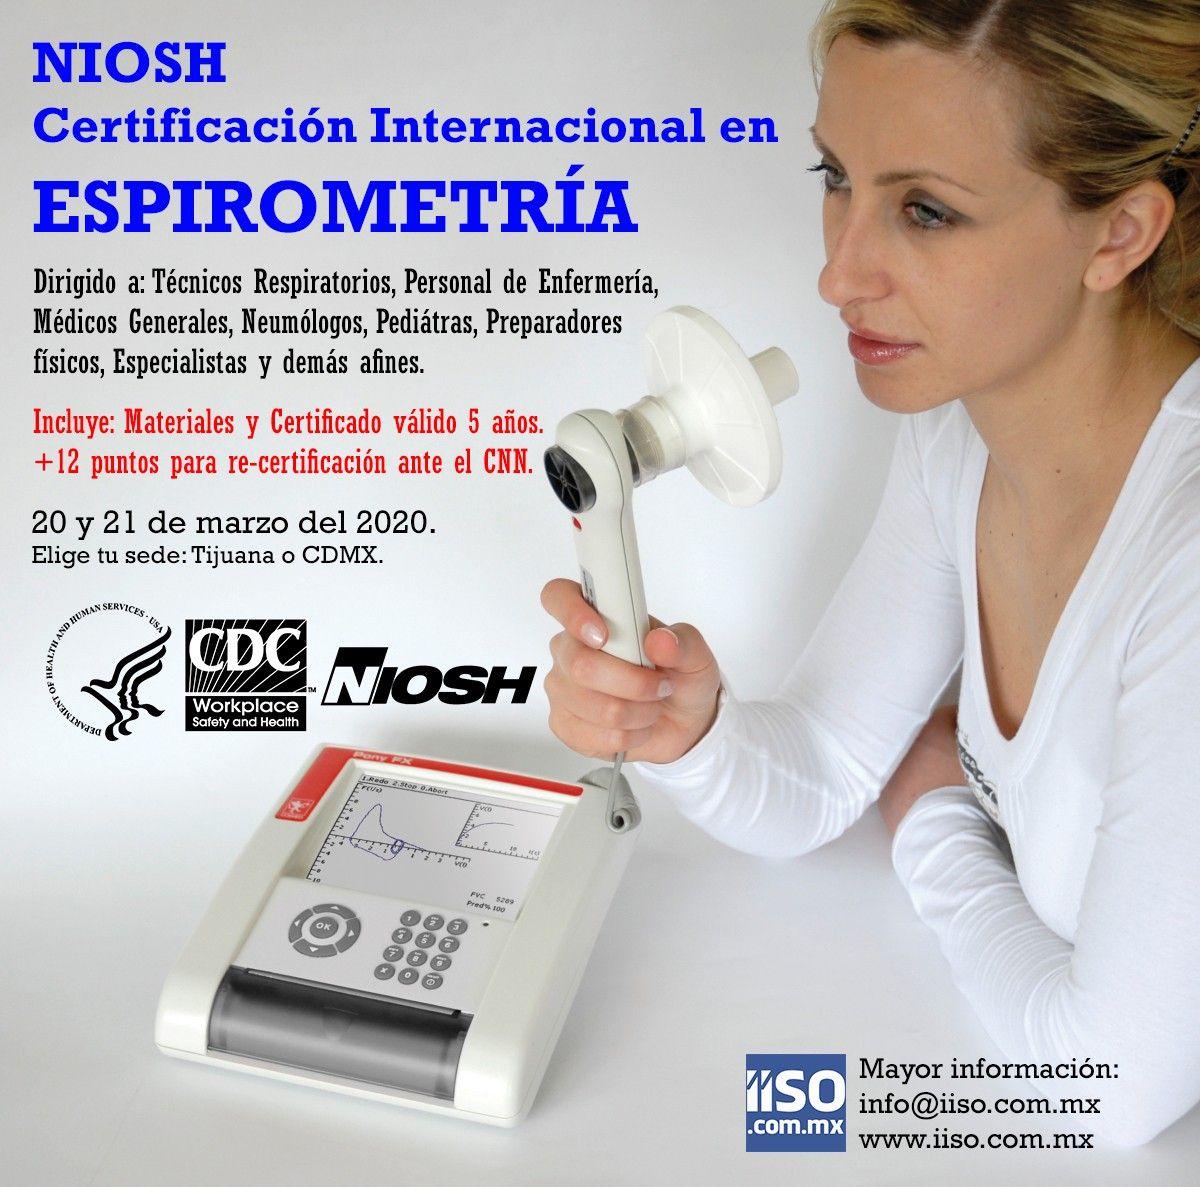 NIOSH-SPIRO-2020